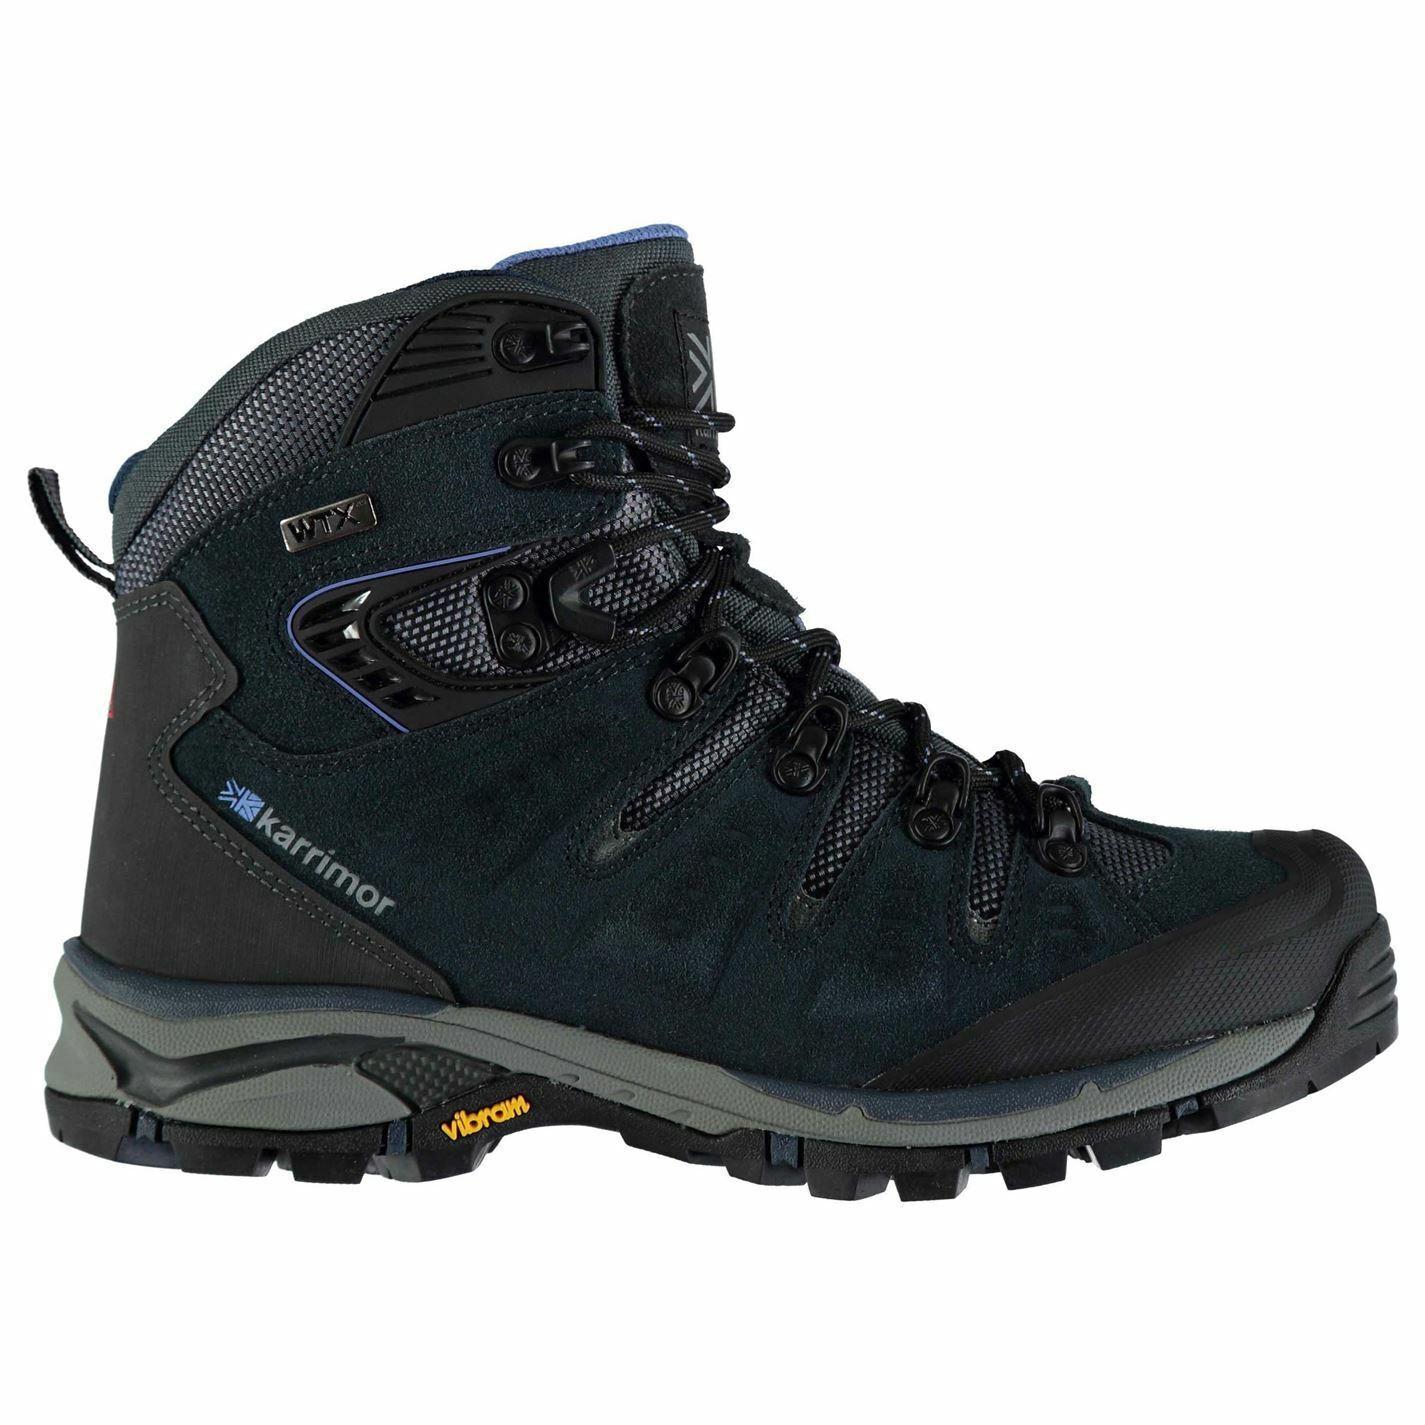 Karrimor Leopard WTX Walking Boots Womens bluee Hiking Trekking shoes Footwear